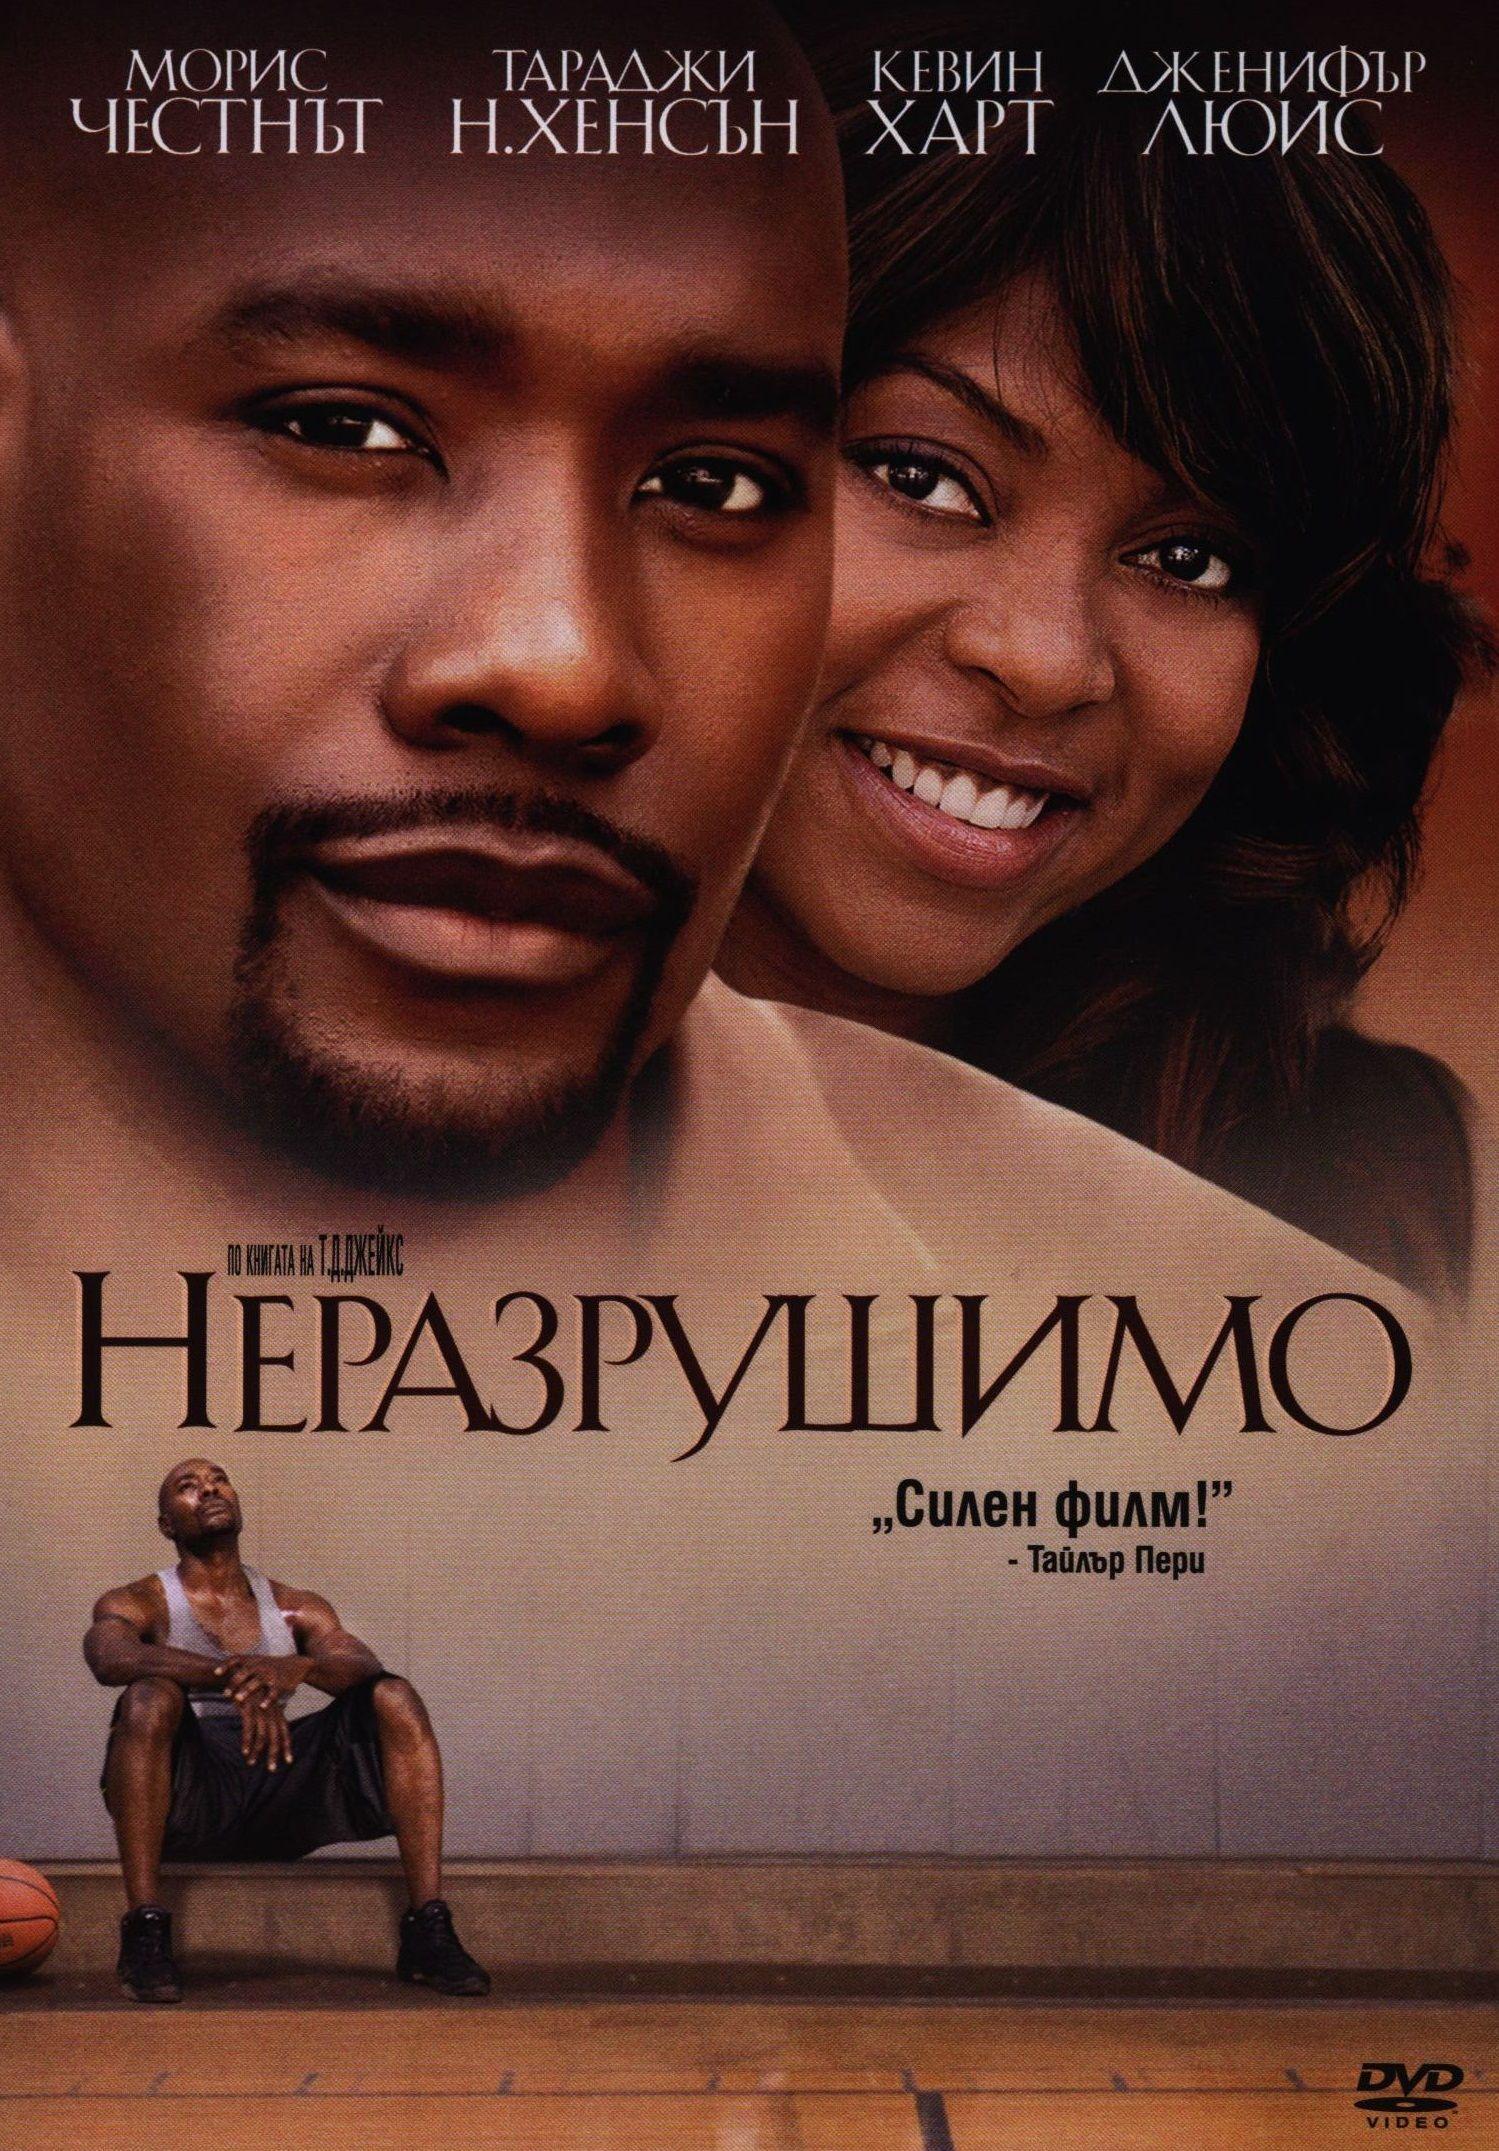 Неразрушимо (DVD) - 1